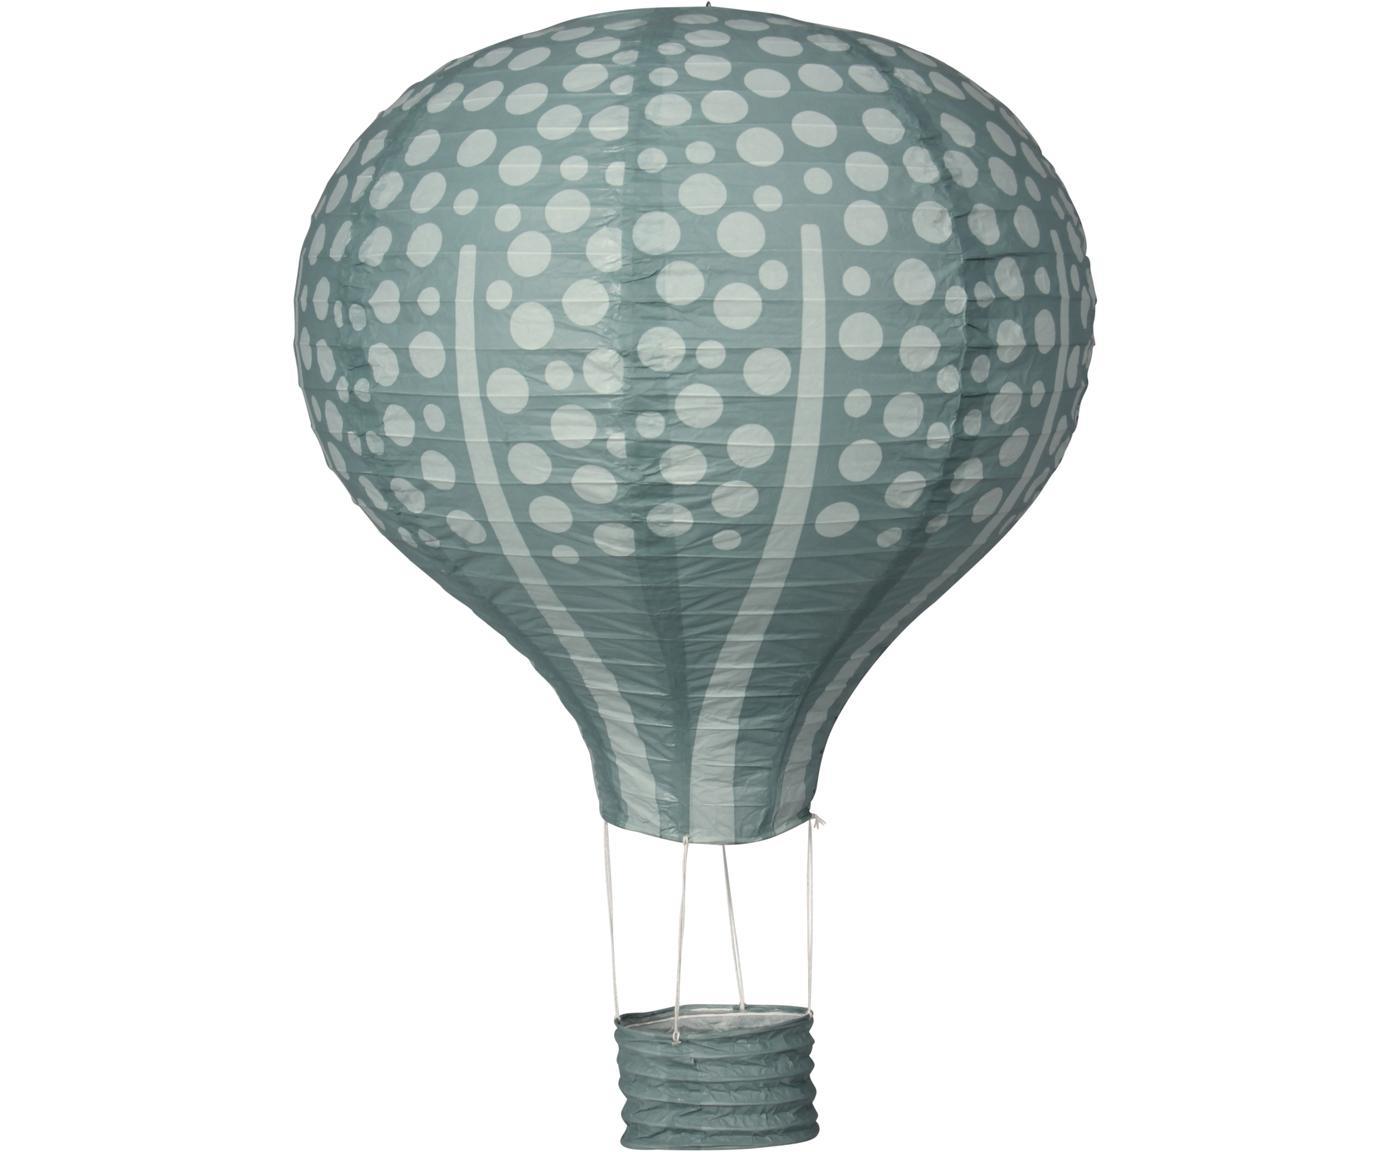 Decoratief object Forest Balloon, Papier, metaal, katoen, Mintgroen, groen, Ø 40 cm